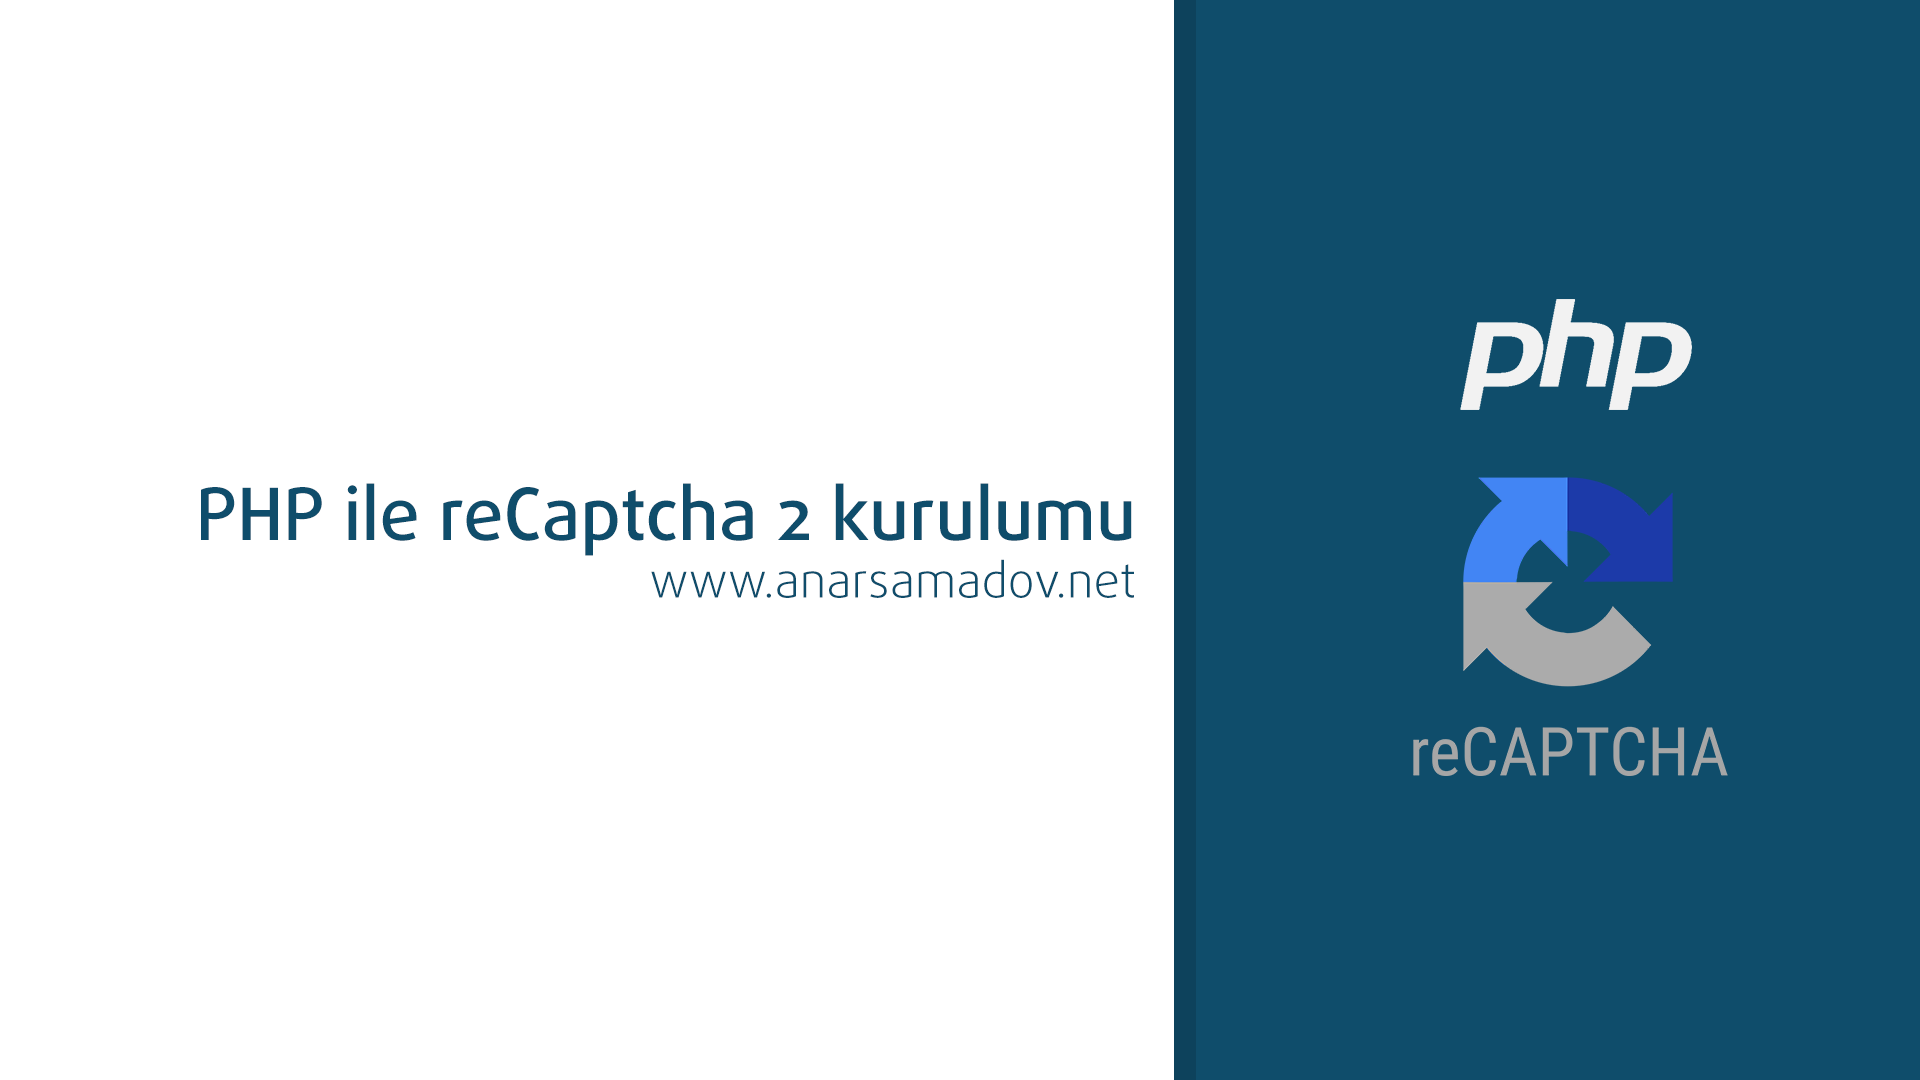 php ile reCaptcha 2 kurulumu